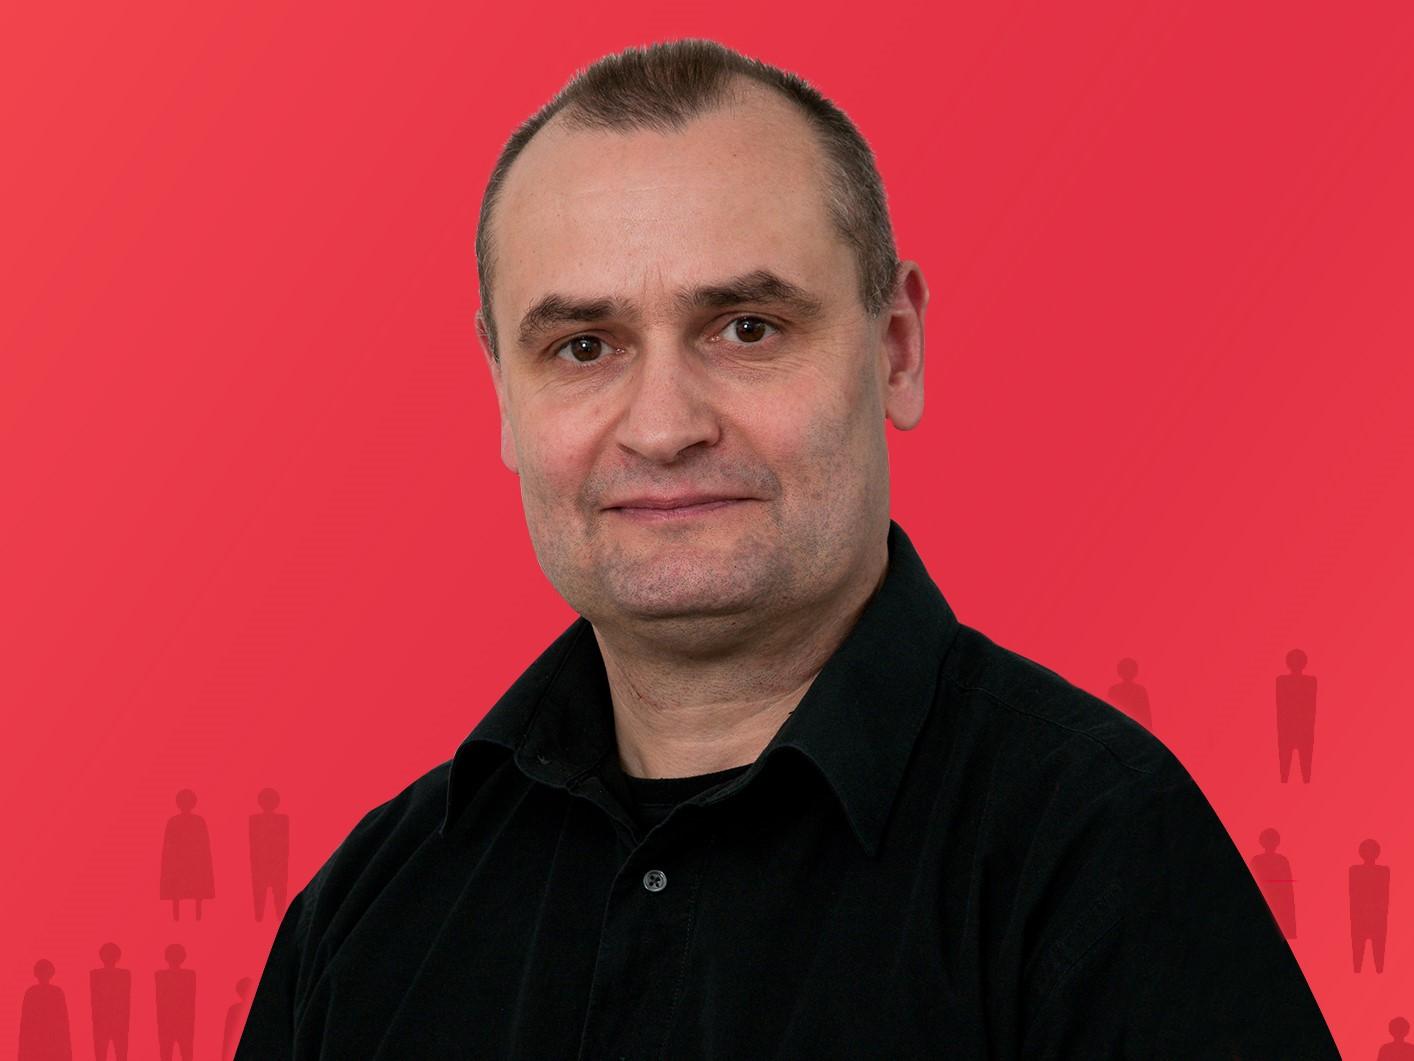 Hermann-Josef Schmeink